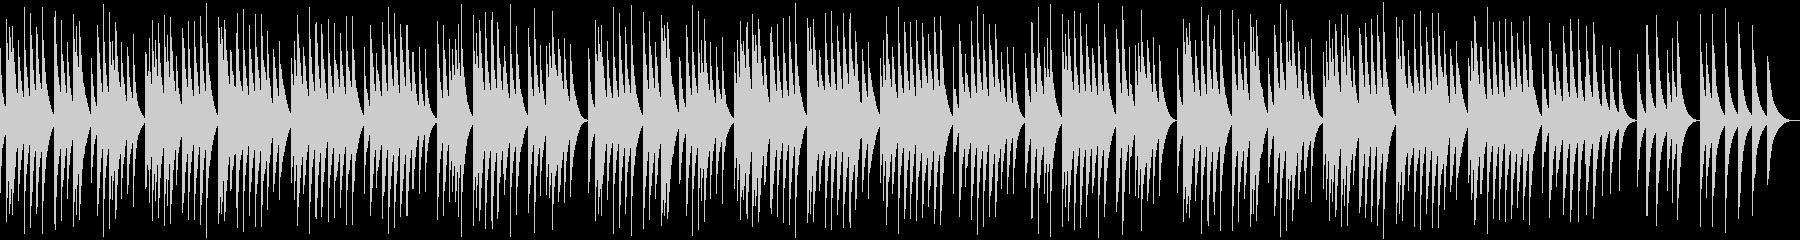 懐かしい雰囲気のオルゴール曲の未再生の波形